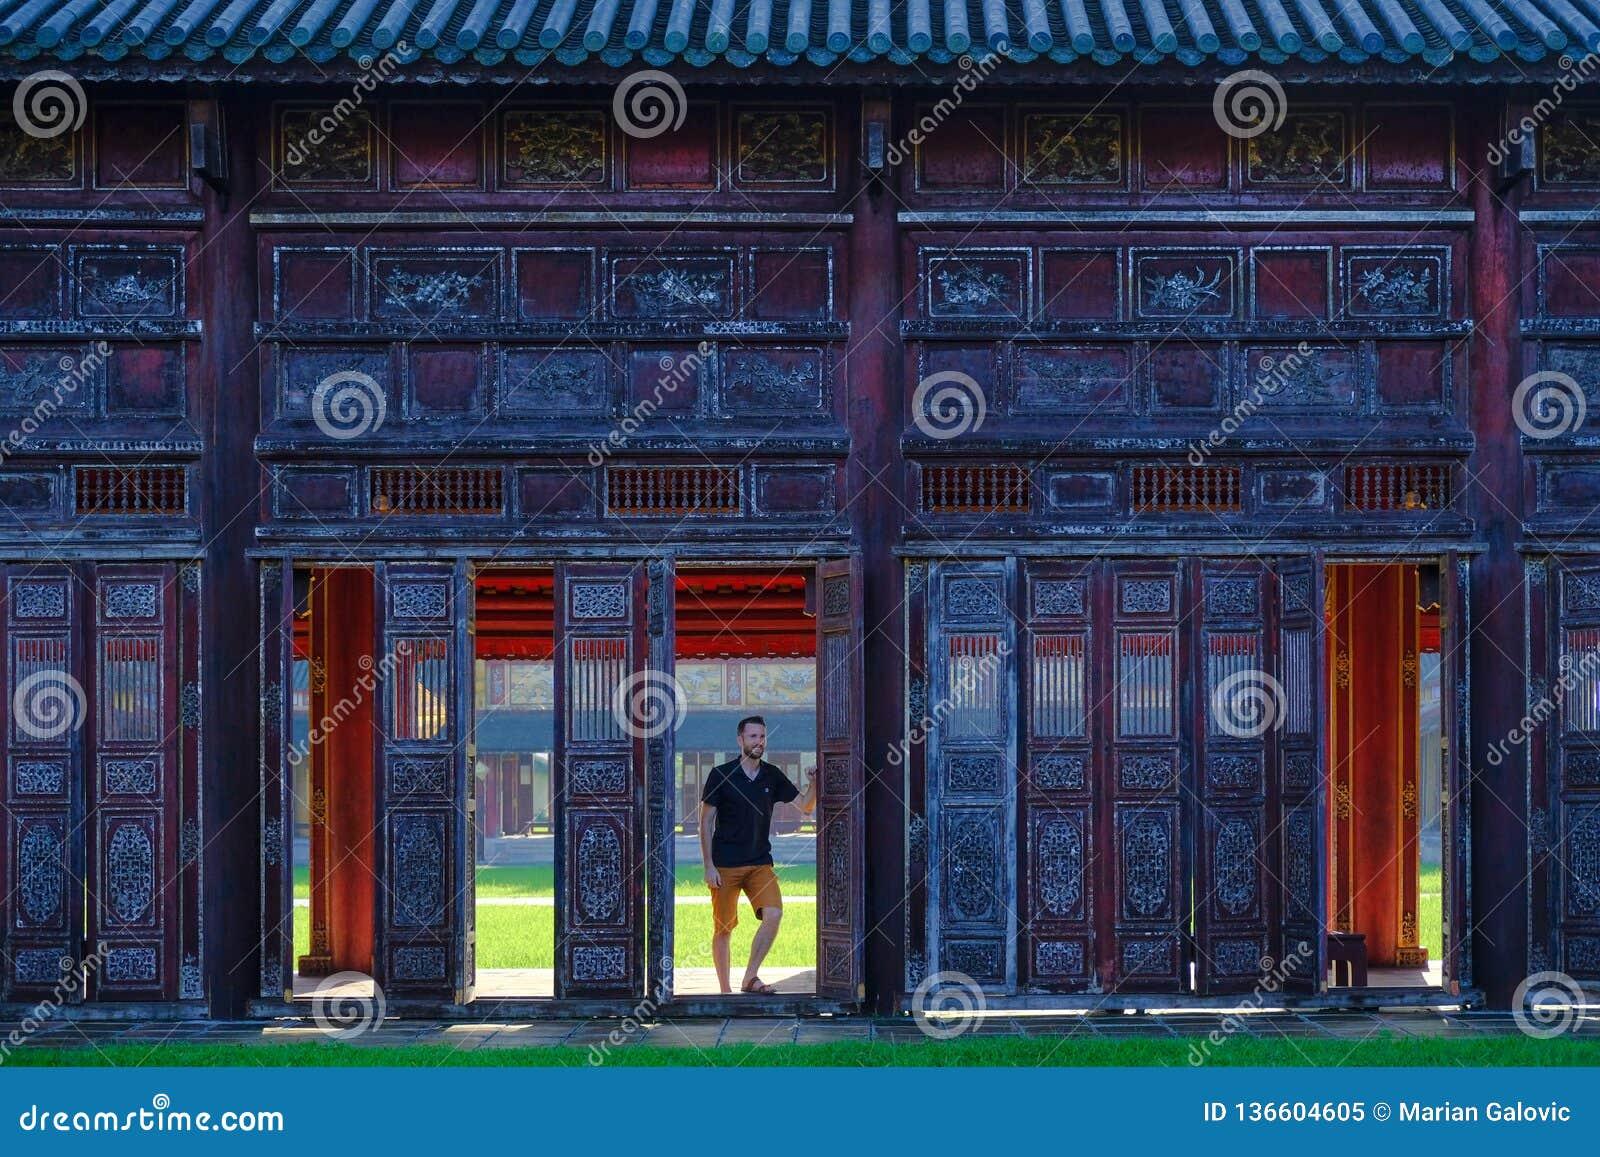 Оттенок/Вьетнам, 17/11/2017: Положение человека рядом с орнаментальными дверями в традиционном pavillion в комплексе цитадели в о